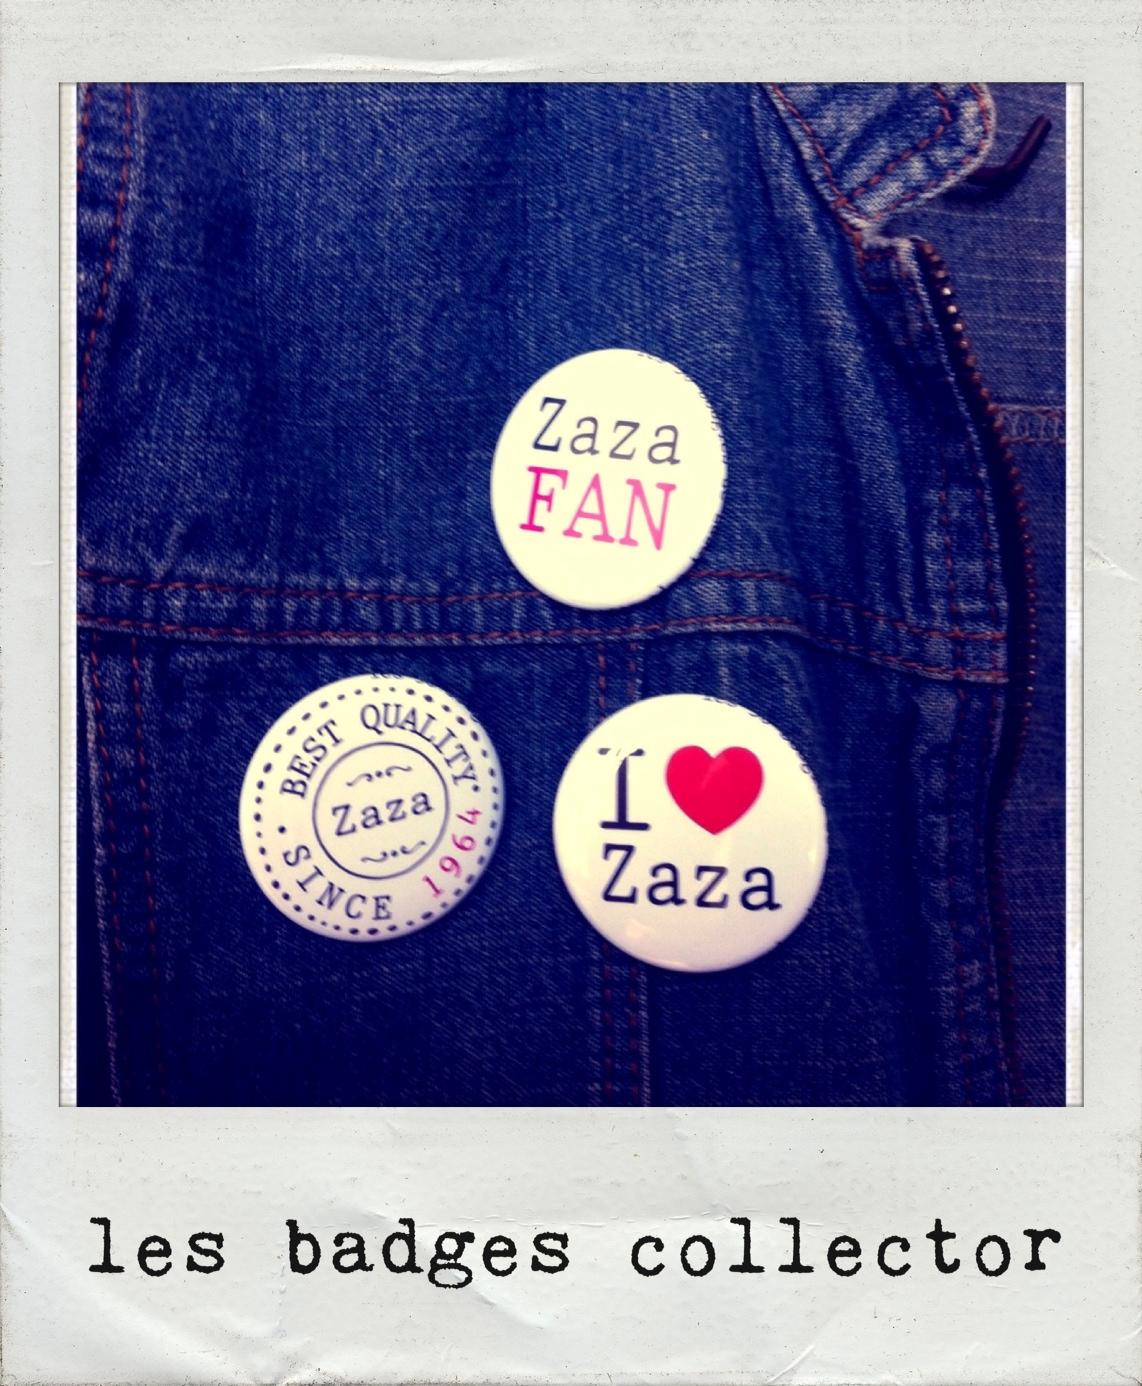 I Love zaza -  Collectors!